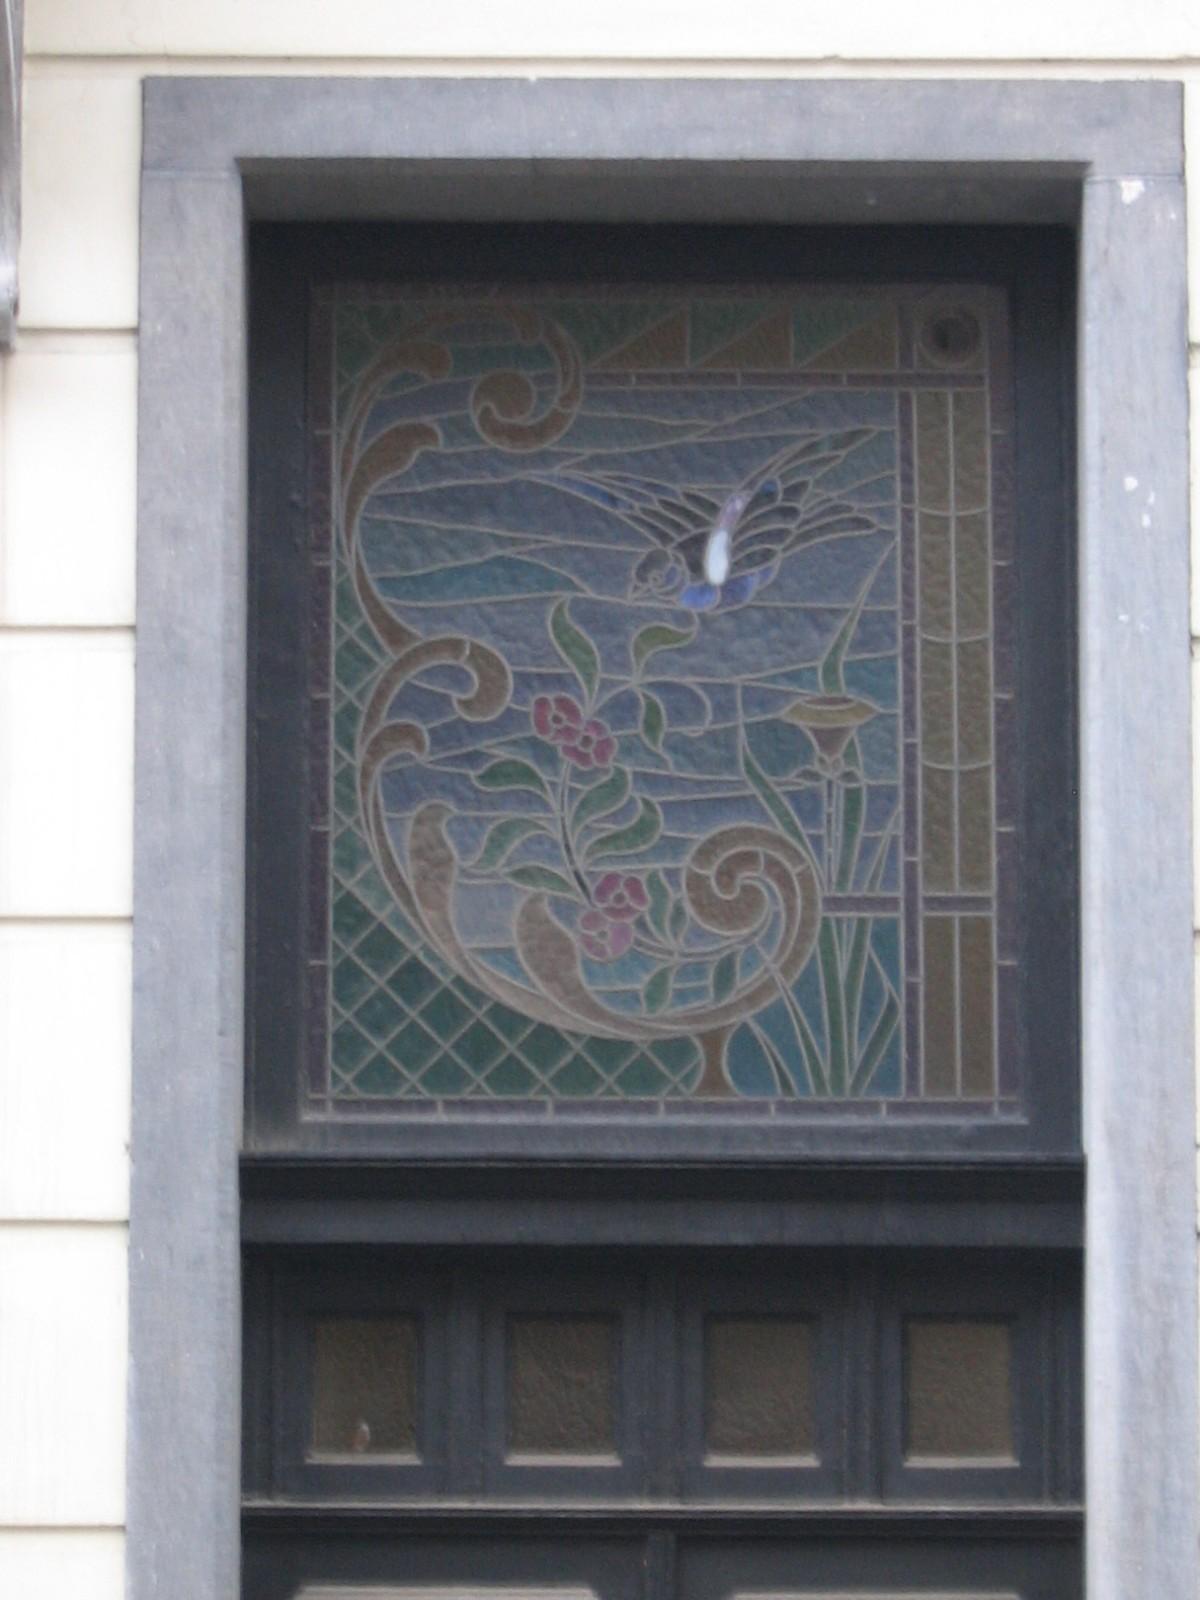 Loncinstraat 20, impostvenster met glas-in-lood, 1903, arch. Henri Martyn., 2005